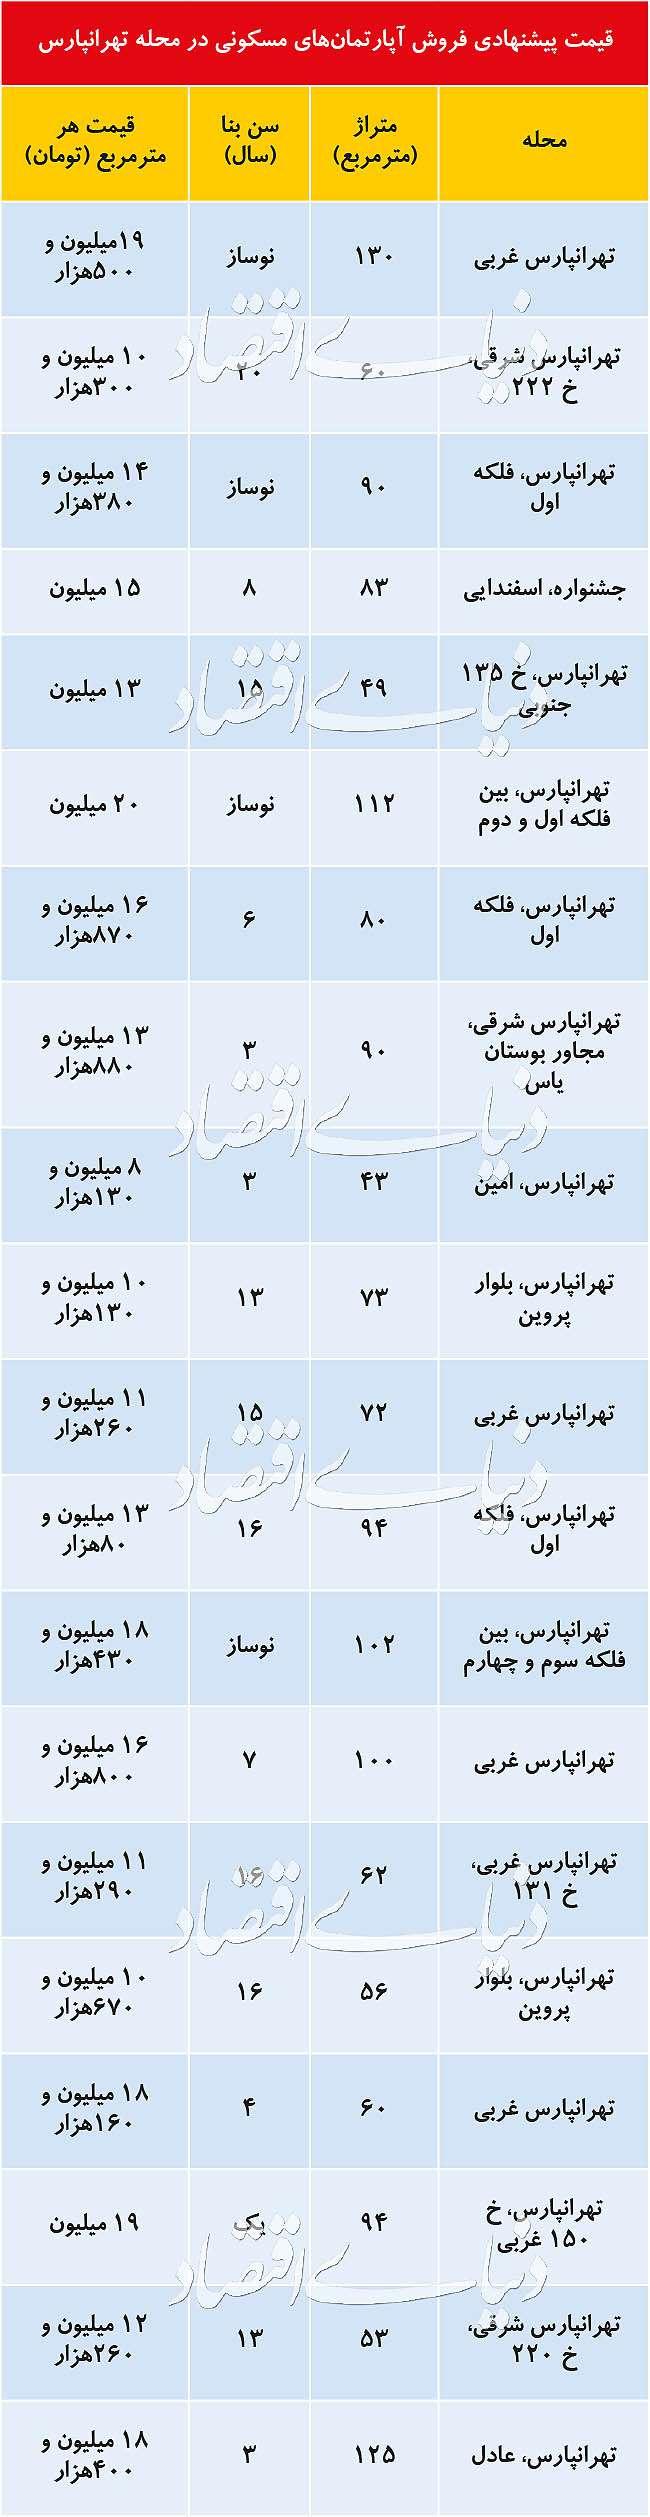 قیمت پیشنهادی فروش آپارتمان  در تهرانپارس